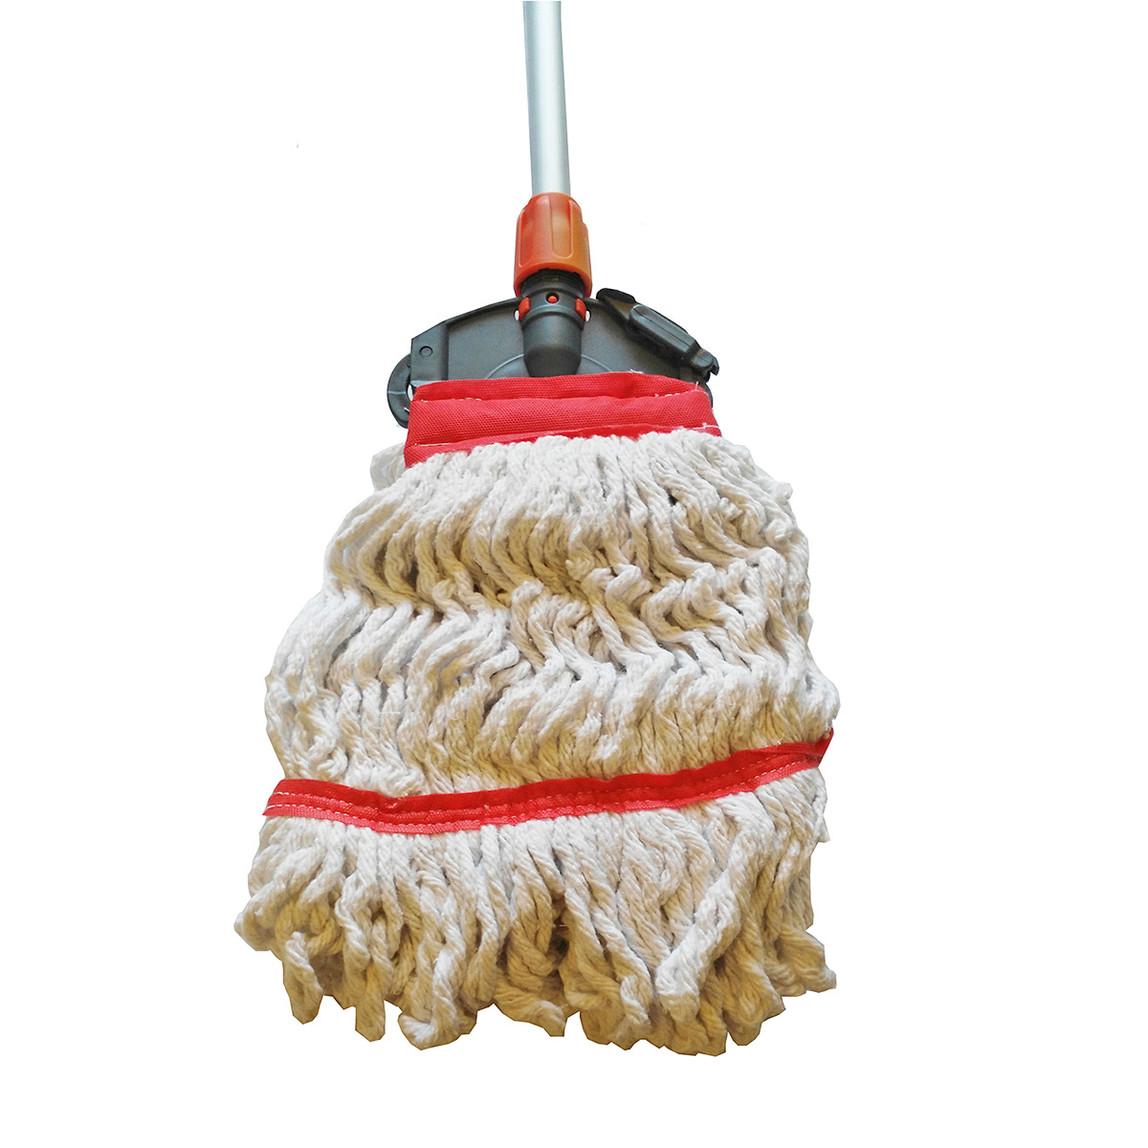 Cleanpex Islak Mop Seti 25 cm